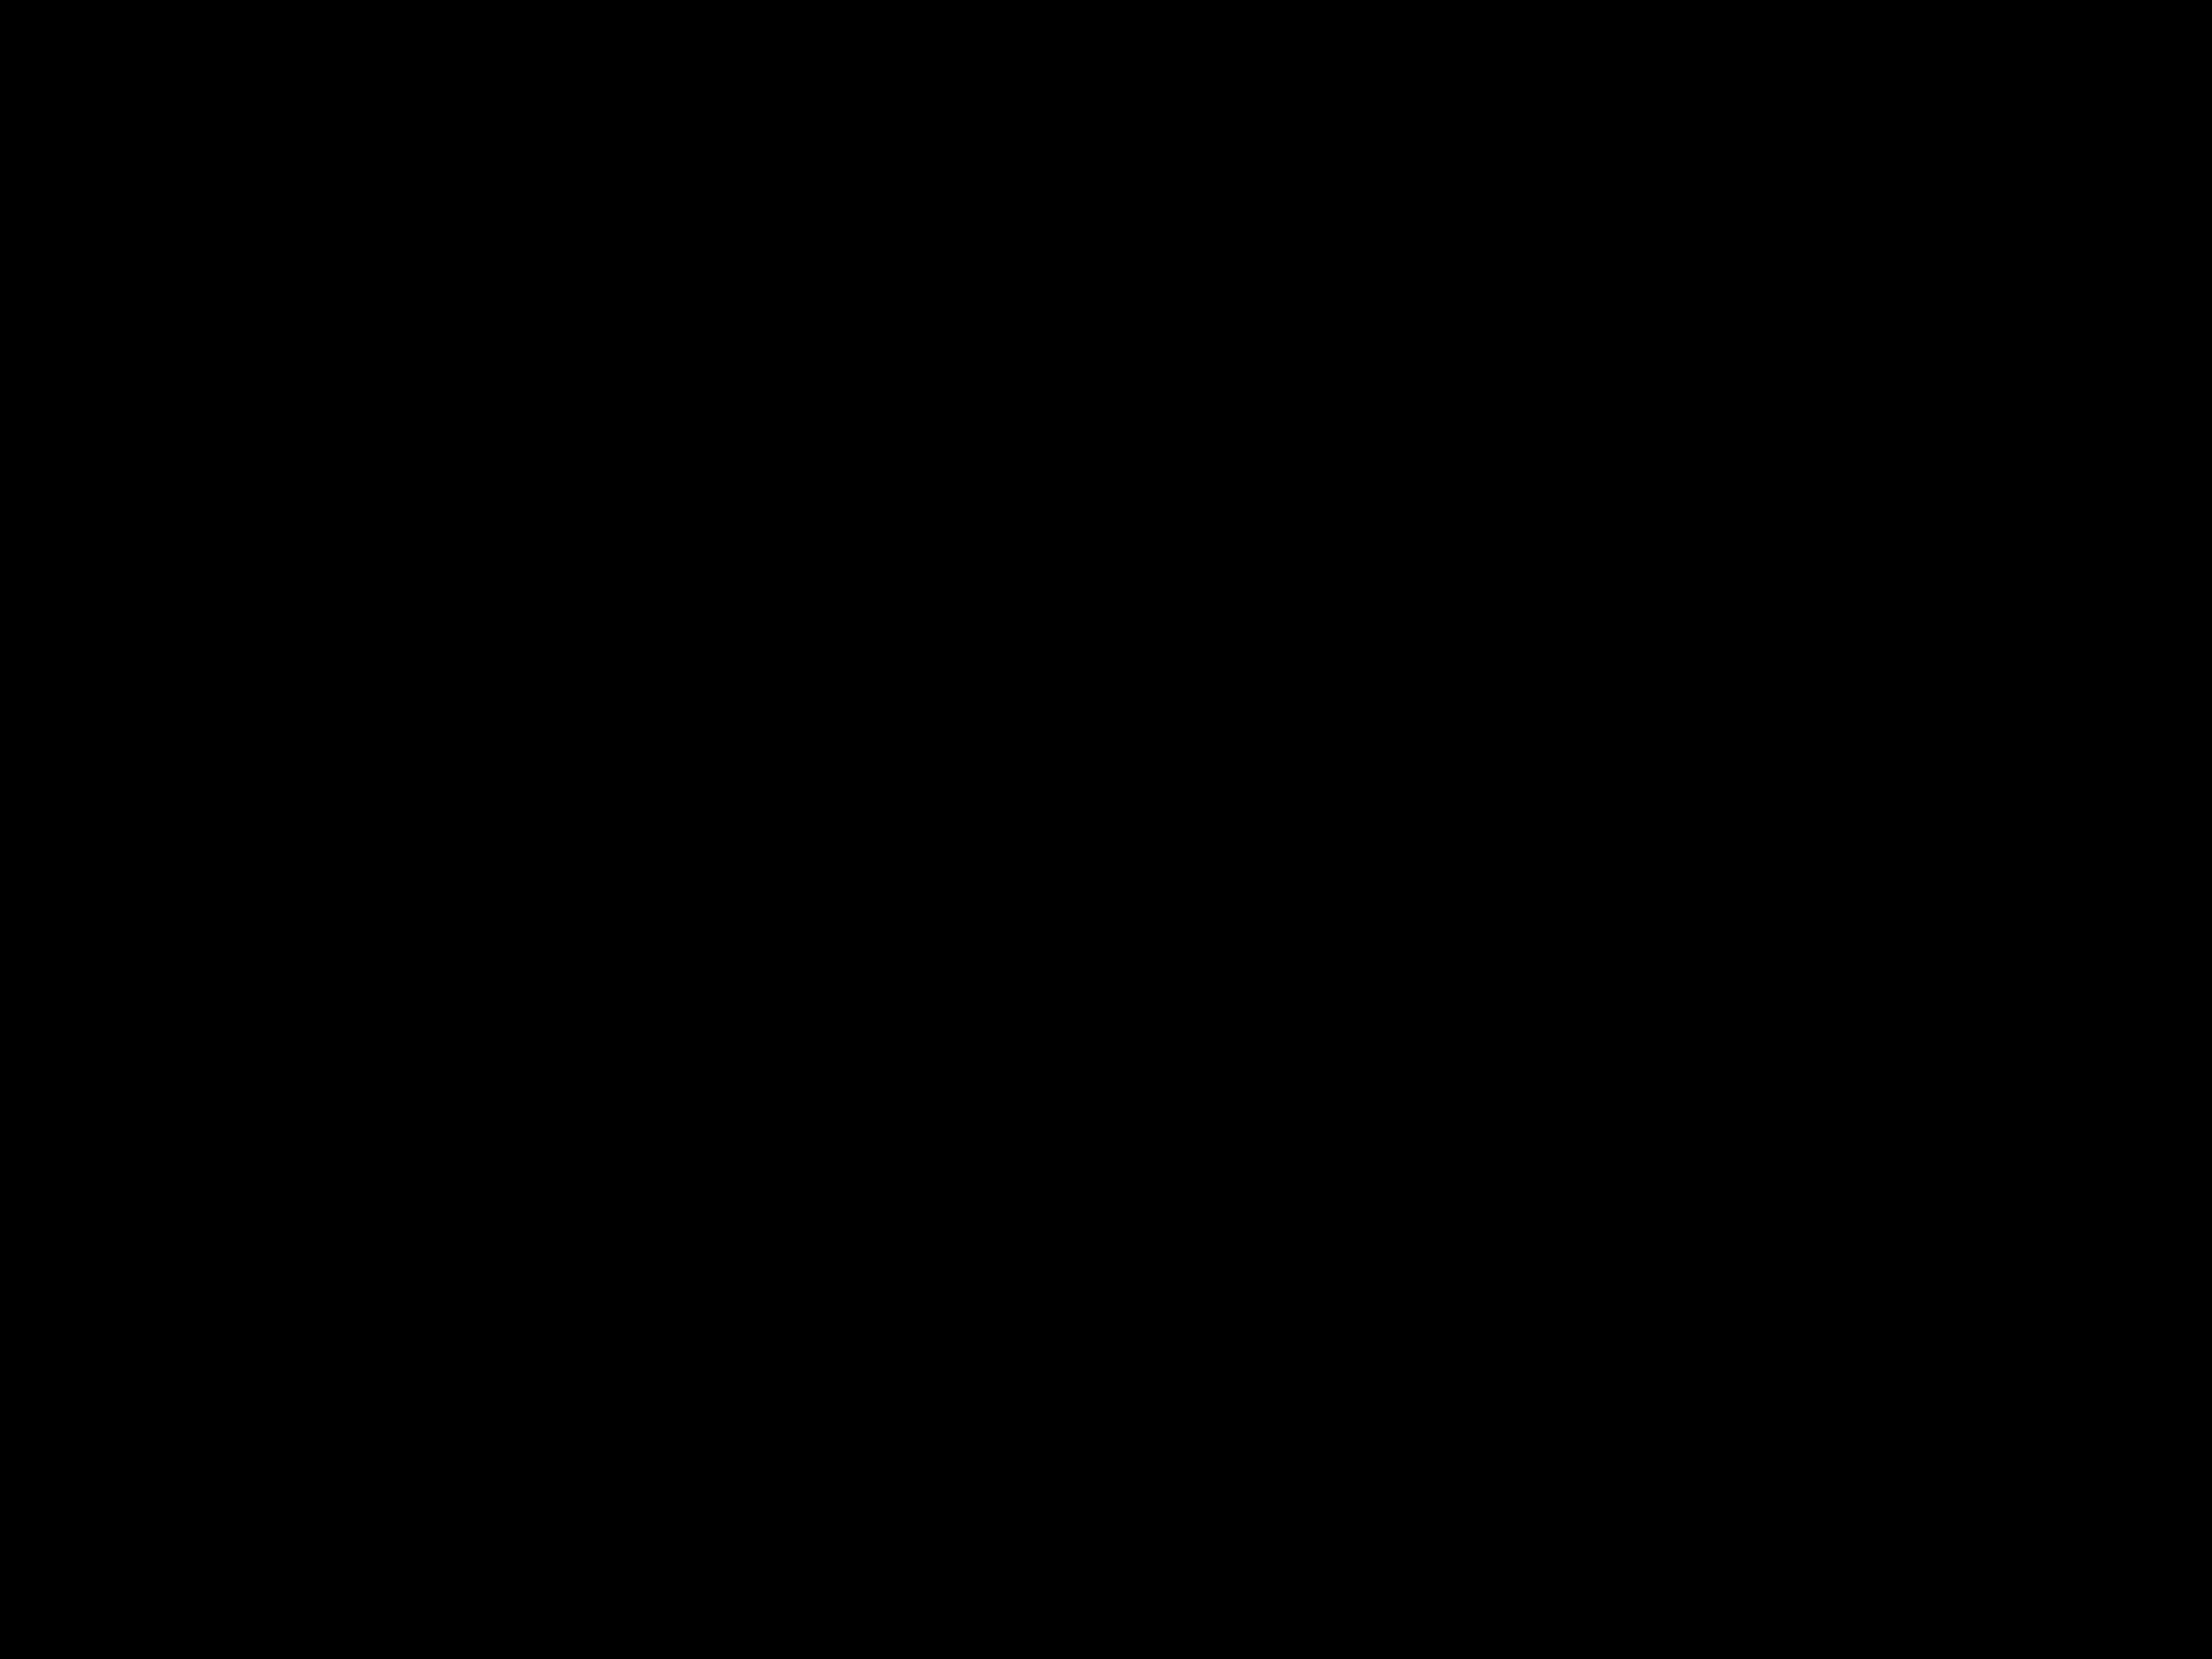 Lastwagen, LKW Applikation, Vorlage